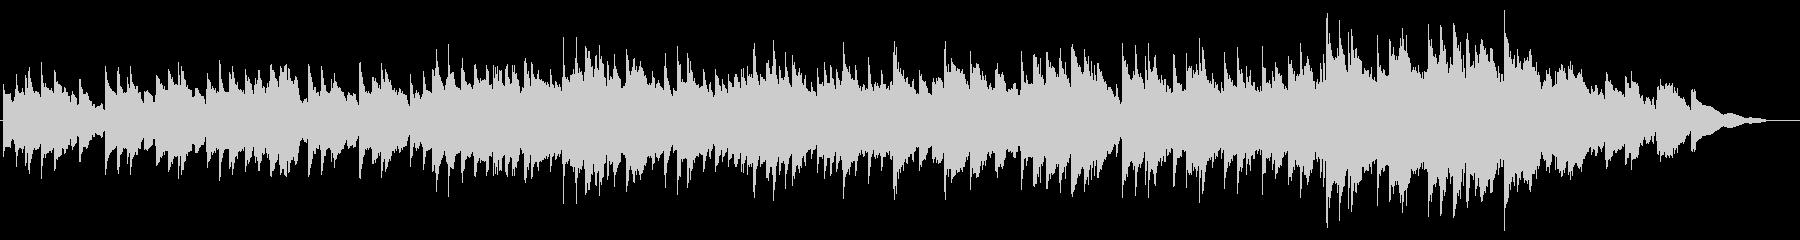 シンセベル音での、ワーグナーの結婚行進曲の未再生の波形